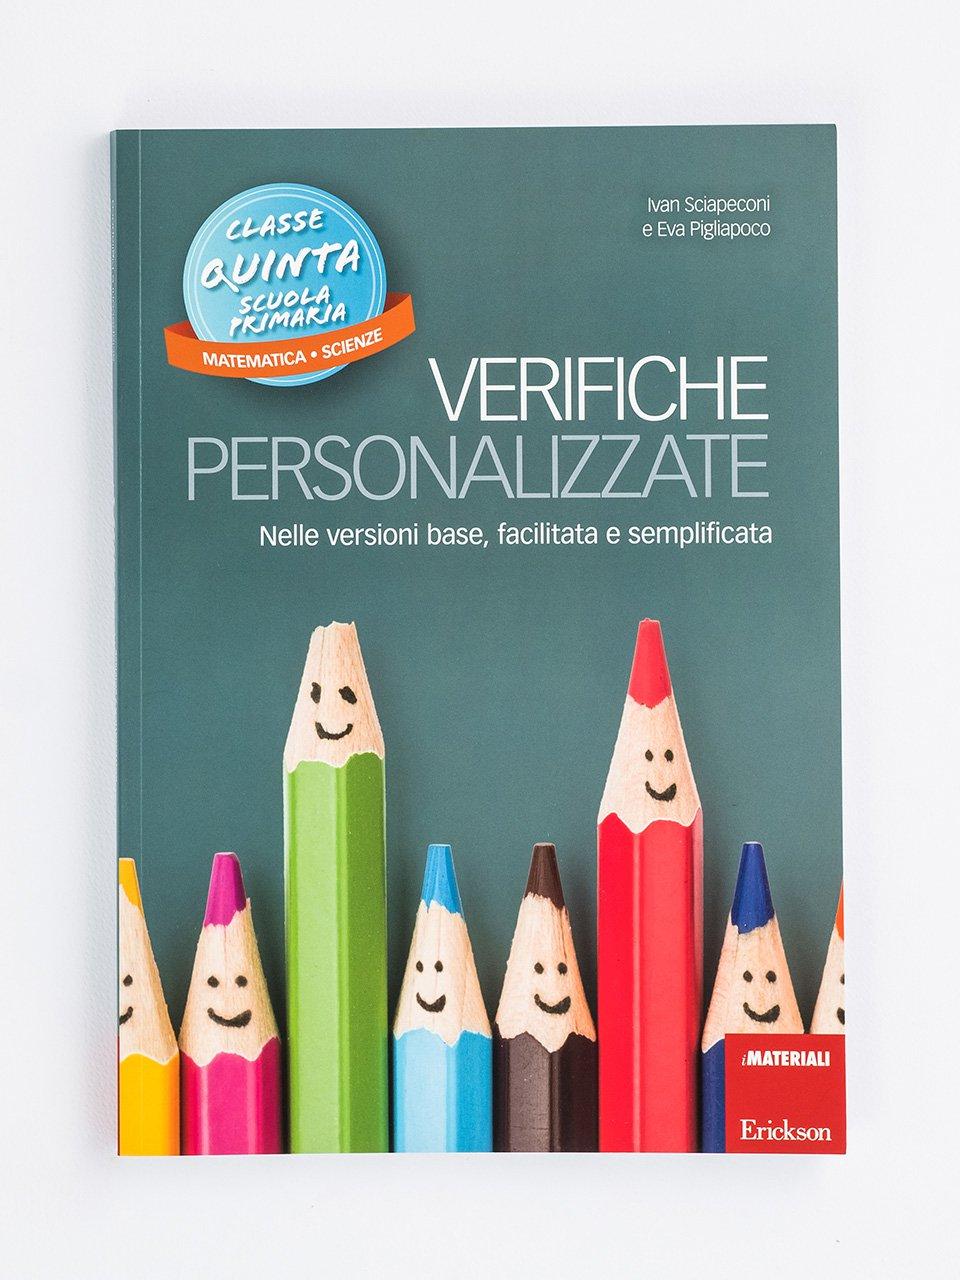 Verifiche personalizzate - Classe quinta: Matematica, scienze - La valutazione inclusiva - Formazione - Erickson